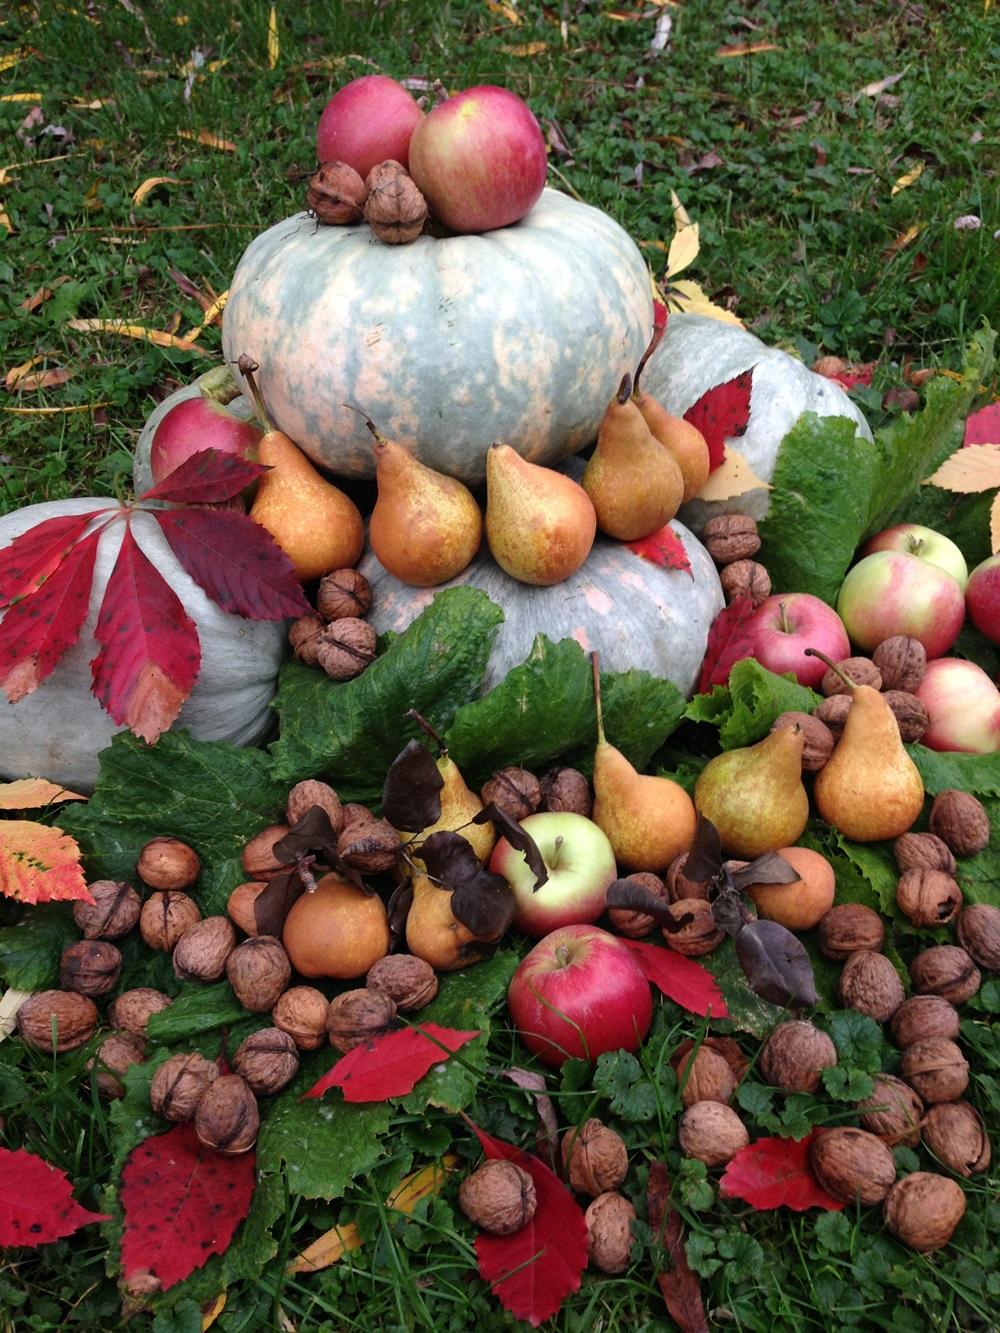 az összes gyümölcsöt mi szedtük, és van, ami ráadásul a kertünkben termett, mint a tök...